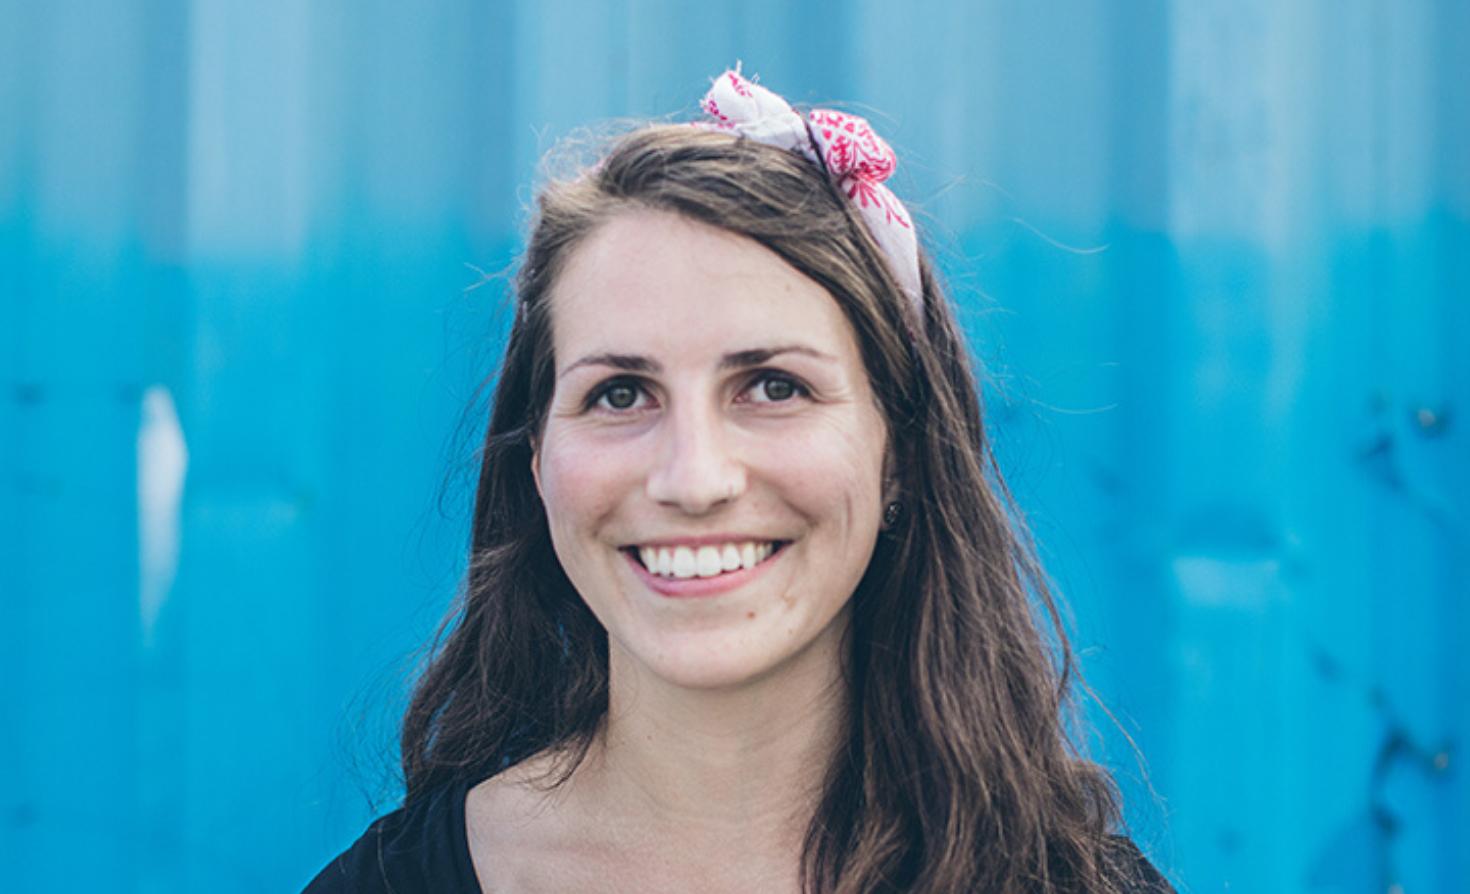 Liz Lyon, 30 Under 30, 2020